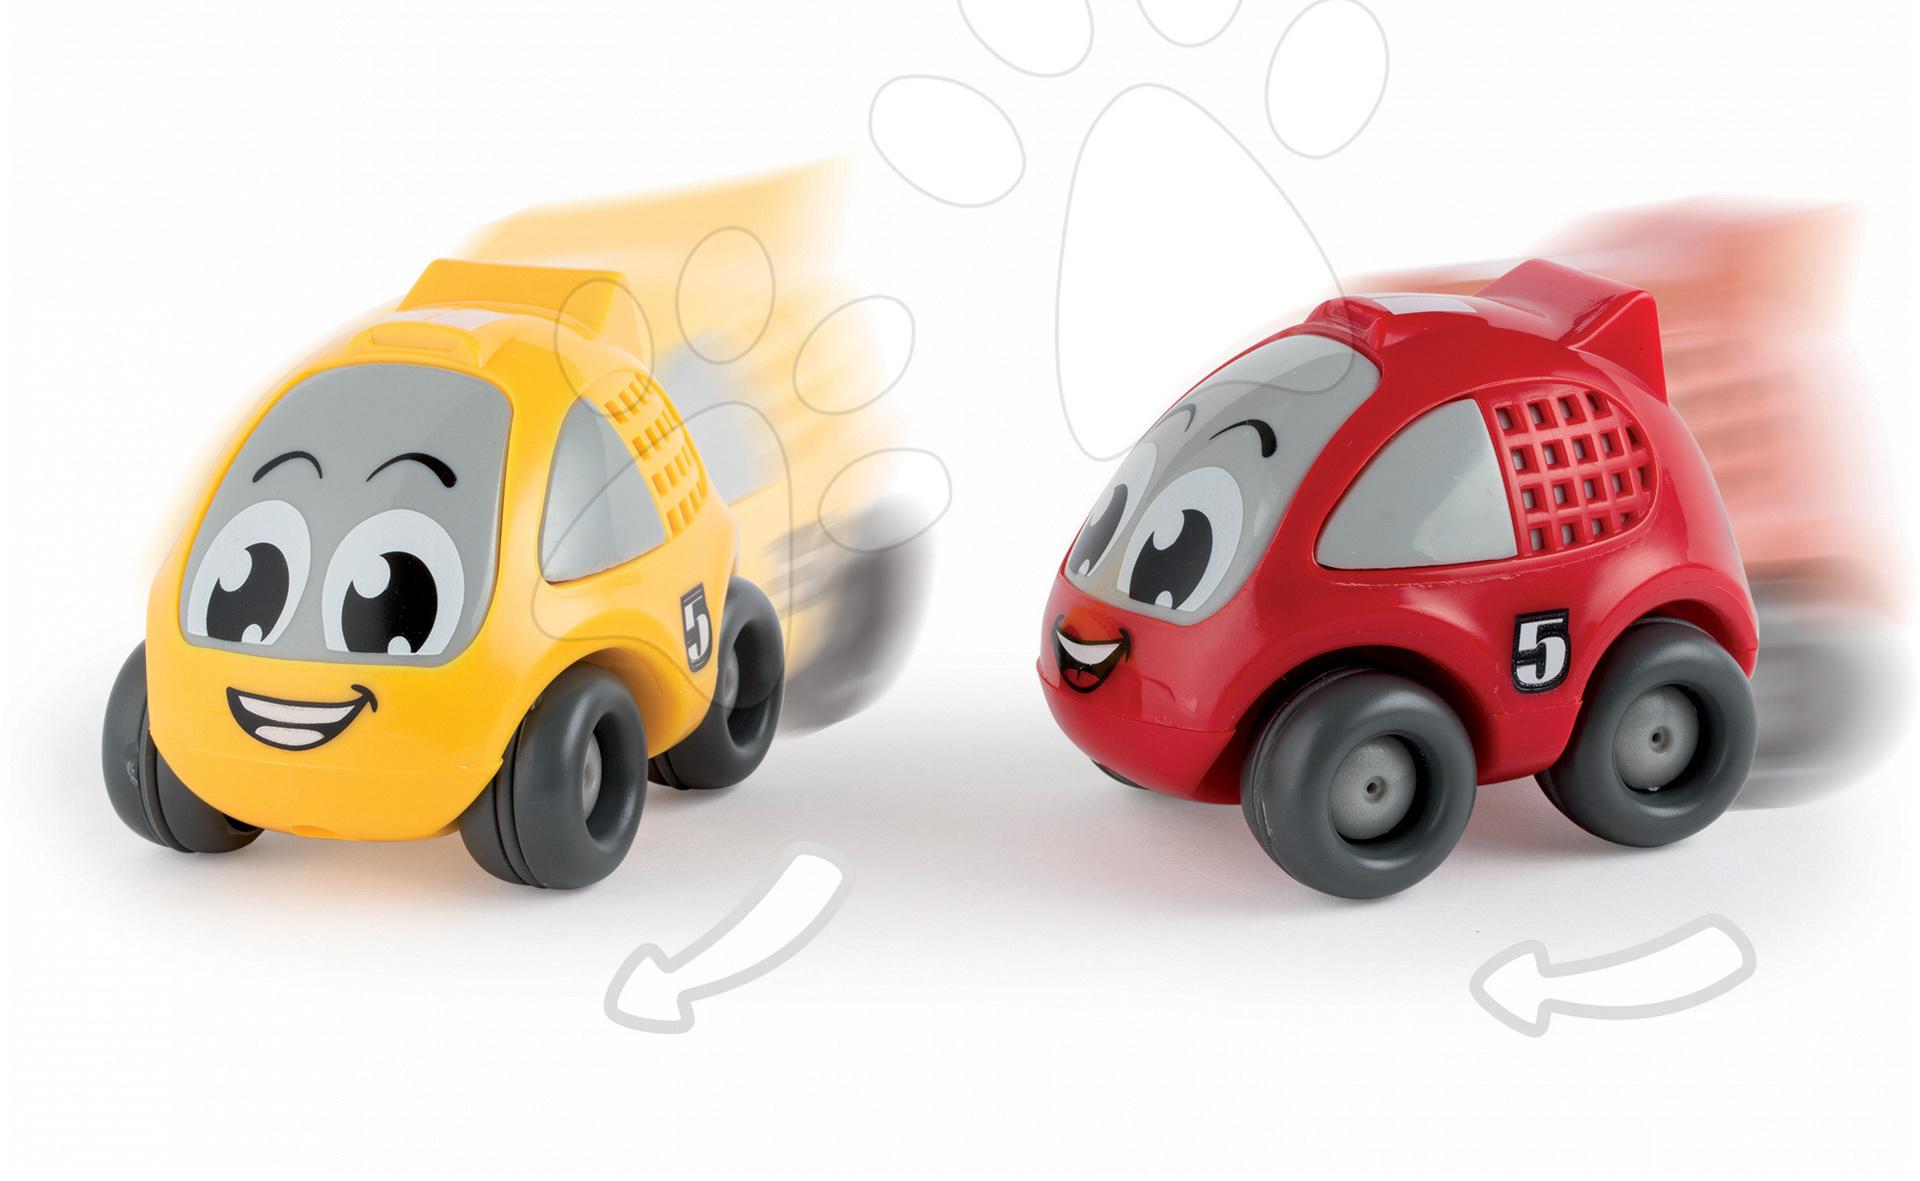 Závodní autíčko Vroom Planet Smoby natahovací délka 8 cm červené / žluté od 12 měsíců